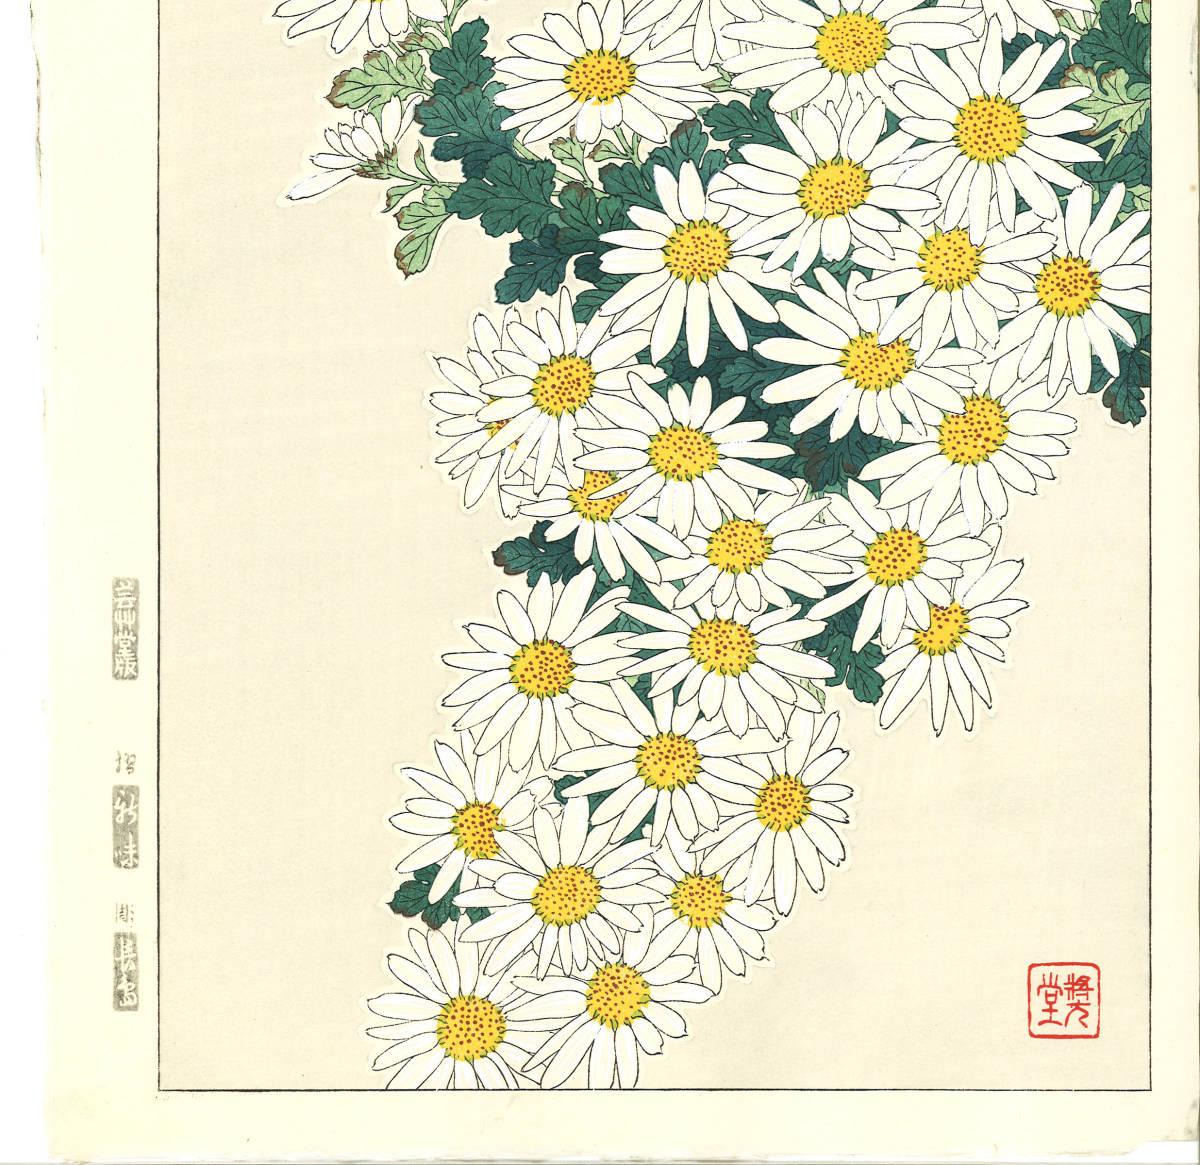 河原崎奨堂 (Kawarazaki Shodo) (1899~1973)木版画 F037 菊 花版画(Chrysanthemum)初版昭和初期~京都の一流の摺師の技をご堪能下さい。_画像5